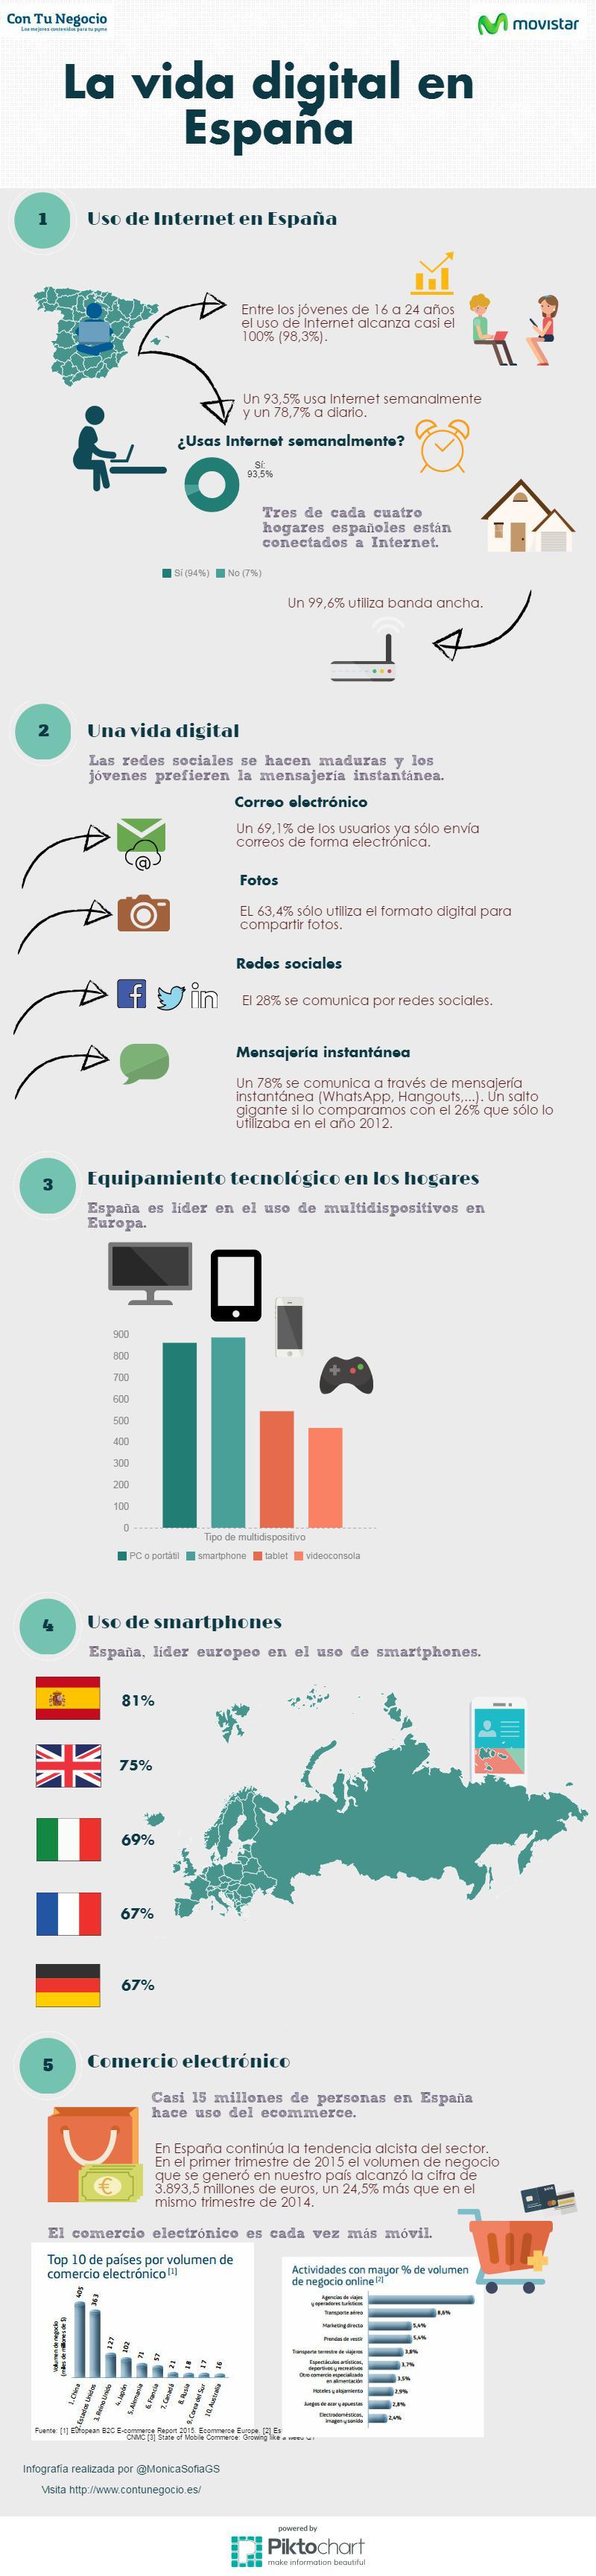 La vida digital en España